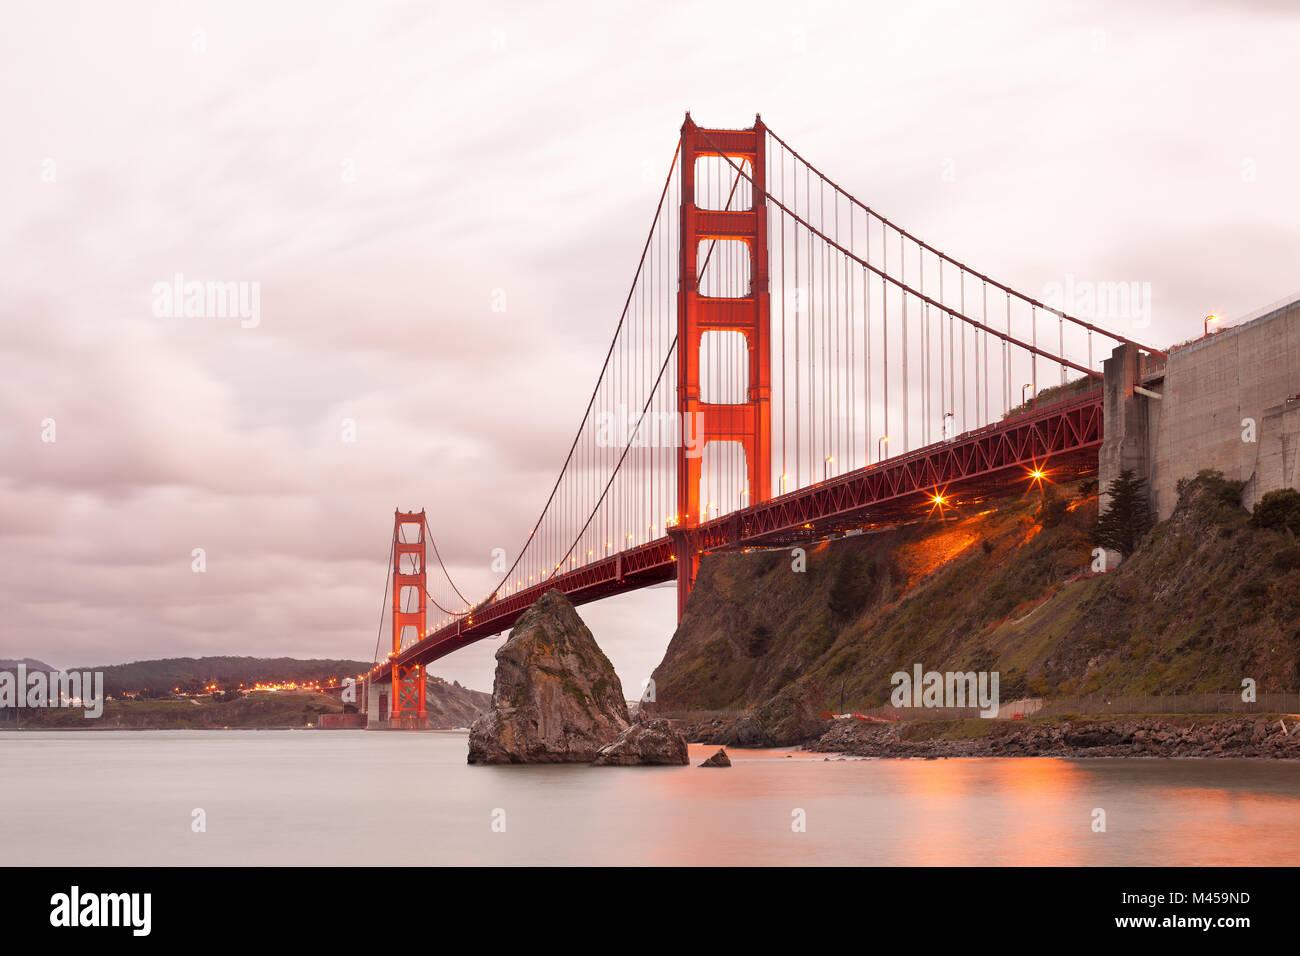 Il Golden Gate Bridge di San Francisco, California, Stati Uniti d'America Immagini Stock